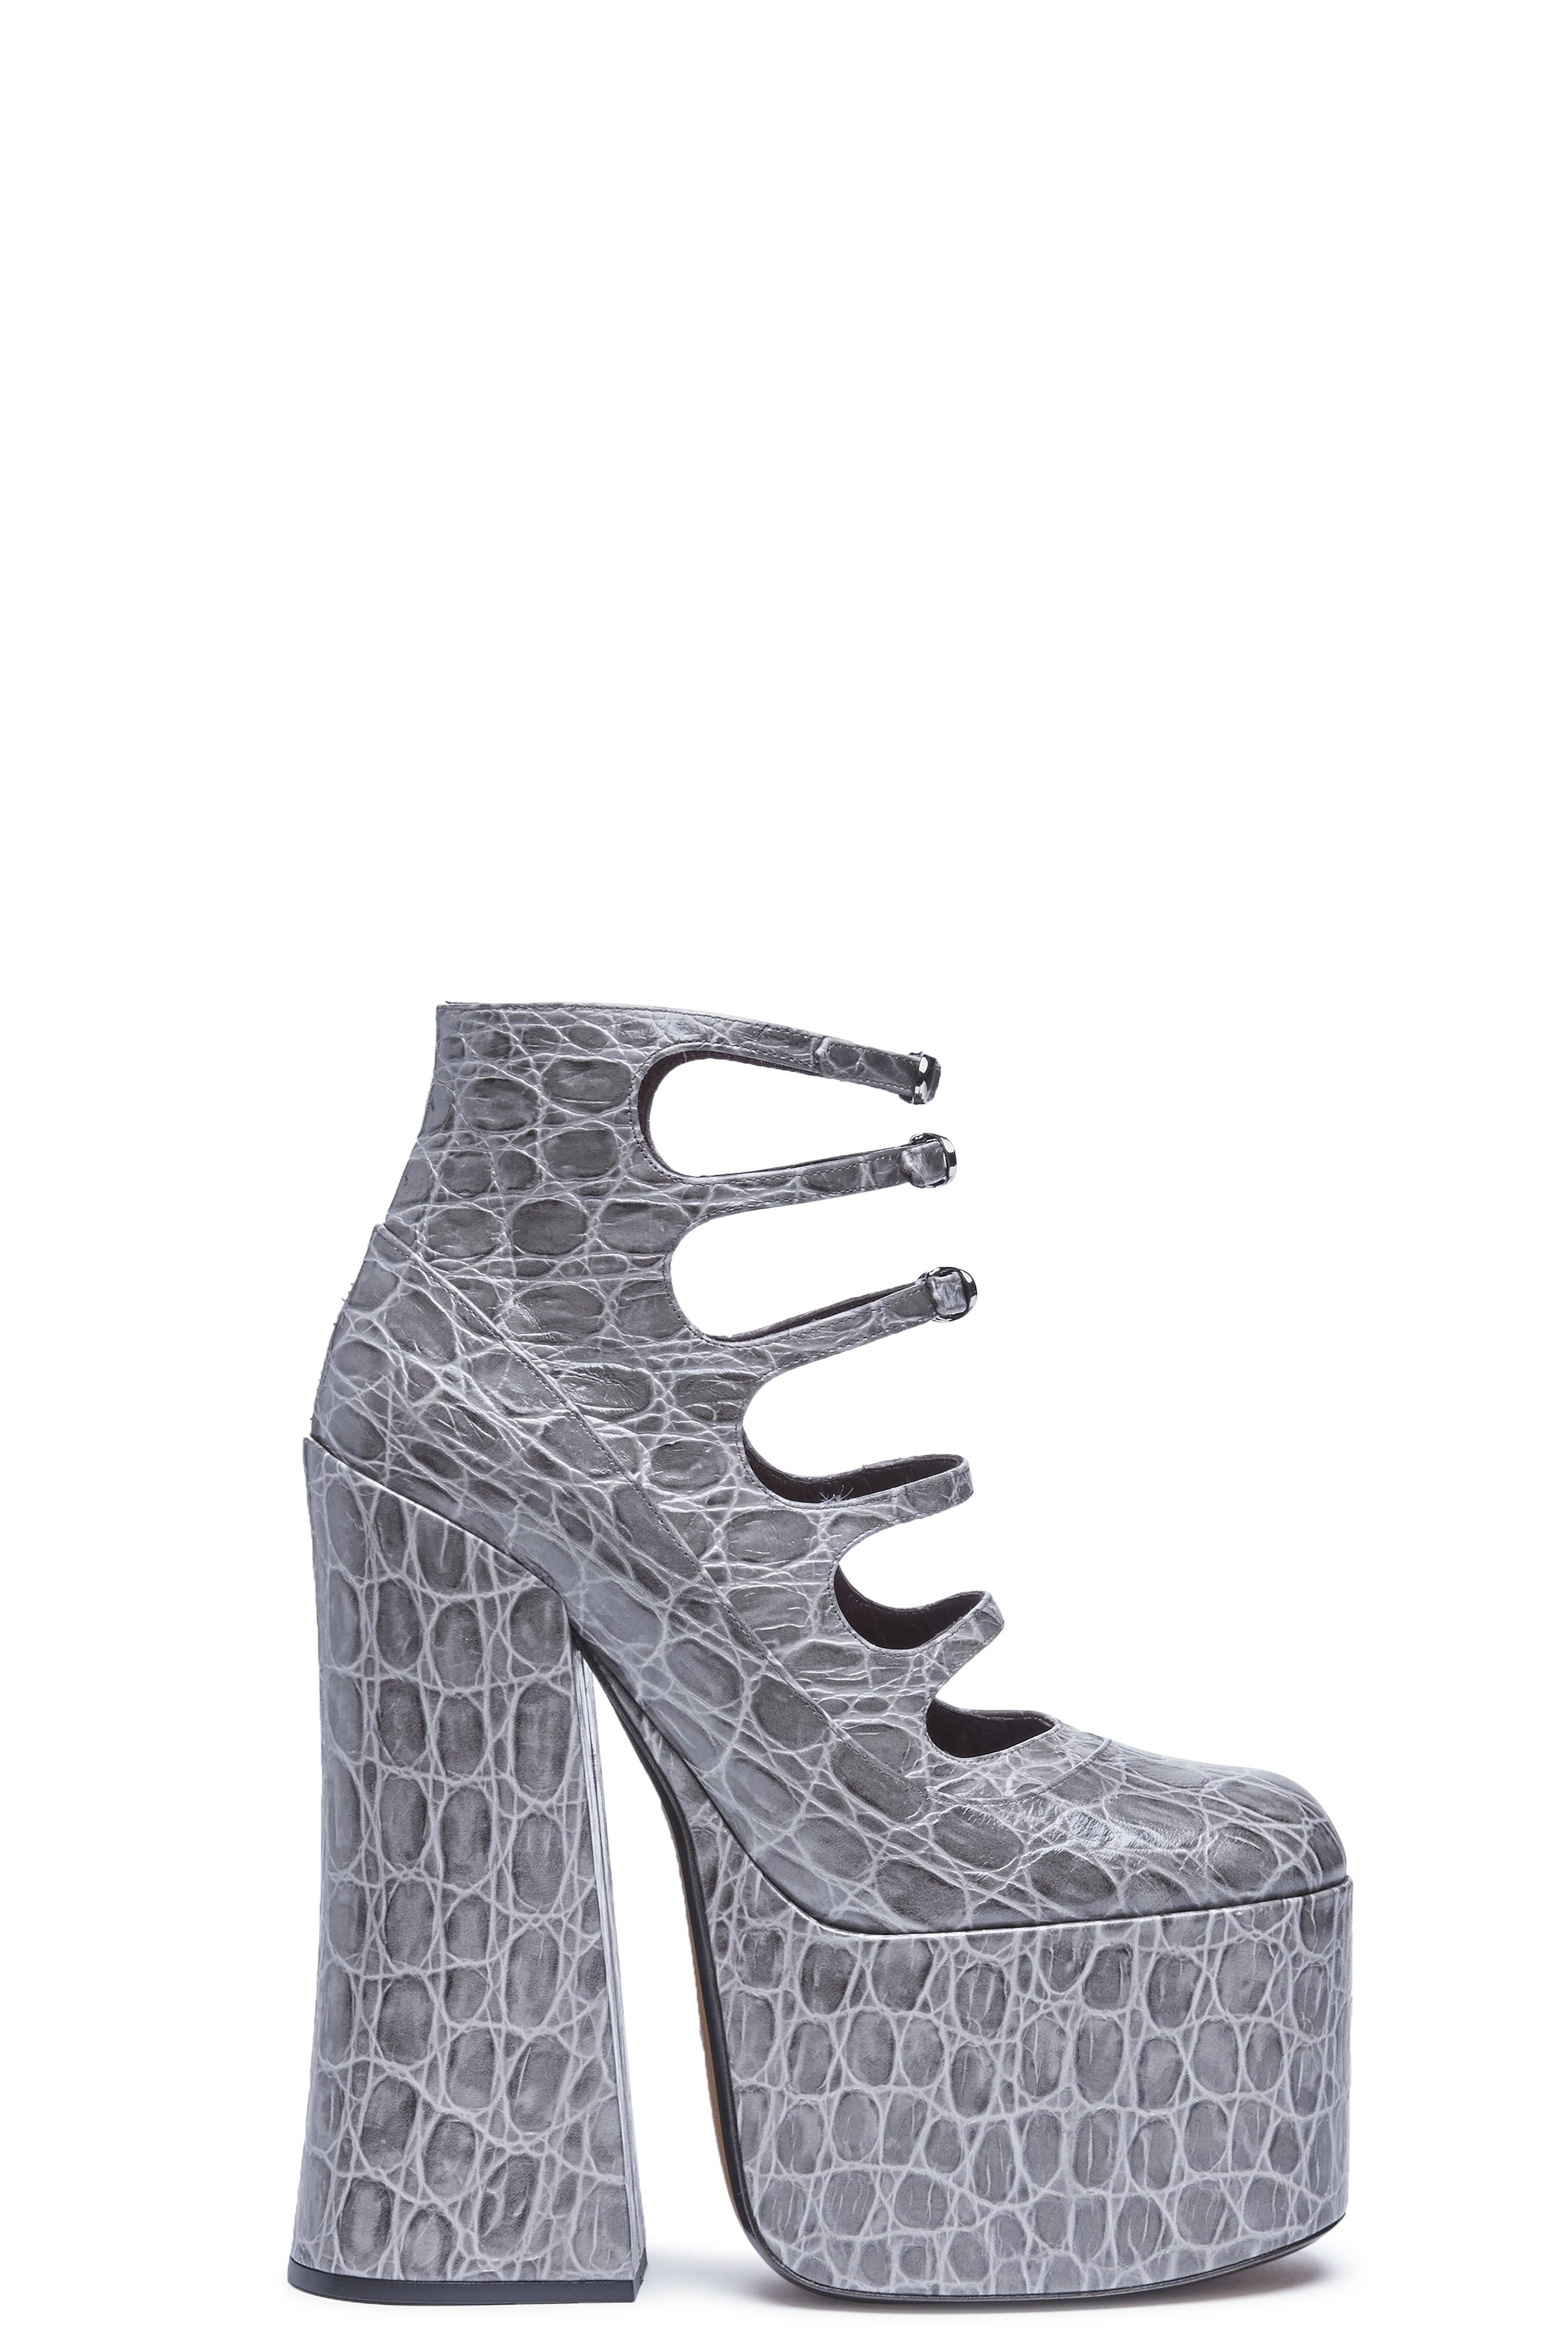 03a1c68c513 MARC JACOBS Lili Platform Strap Pump 170Mm.  marcjacobs  shoes ...